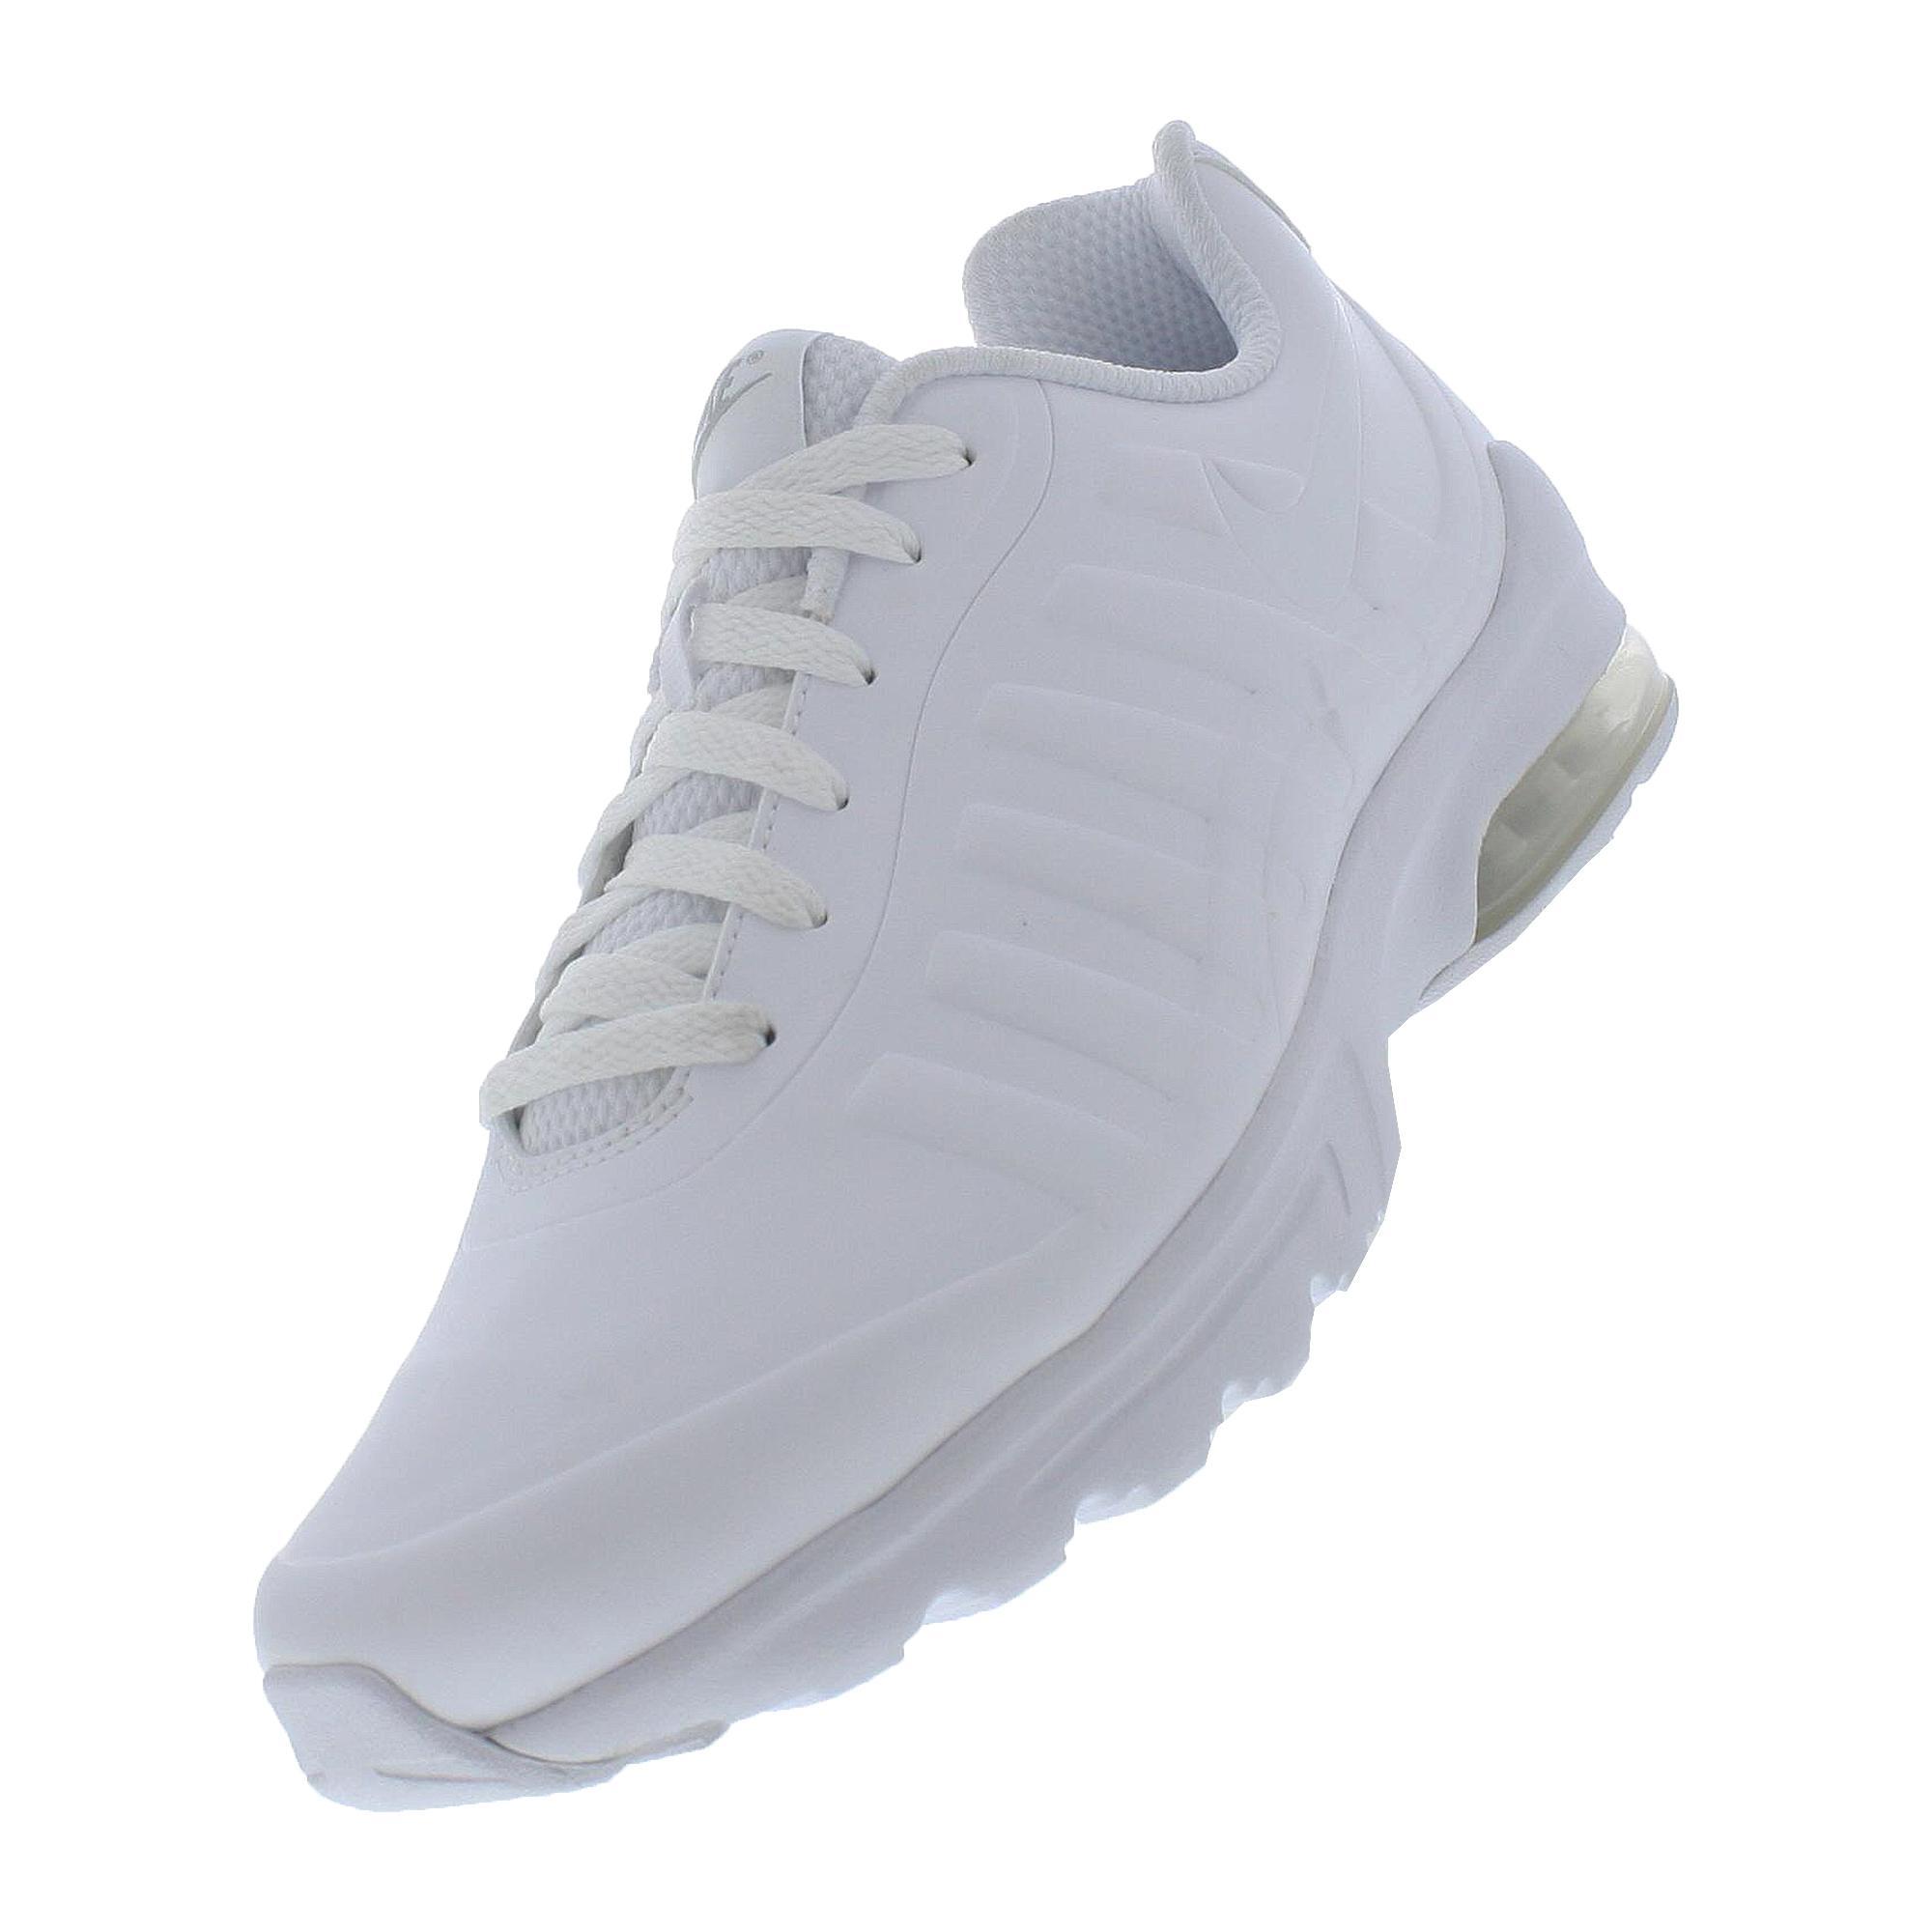 733c20c0c588d ... beyaz 7c1d5 6b833 italy nike air max invigor sl erkek spor ayakkab  f2e10 4a1a6 ...